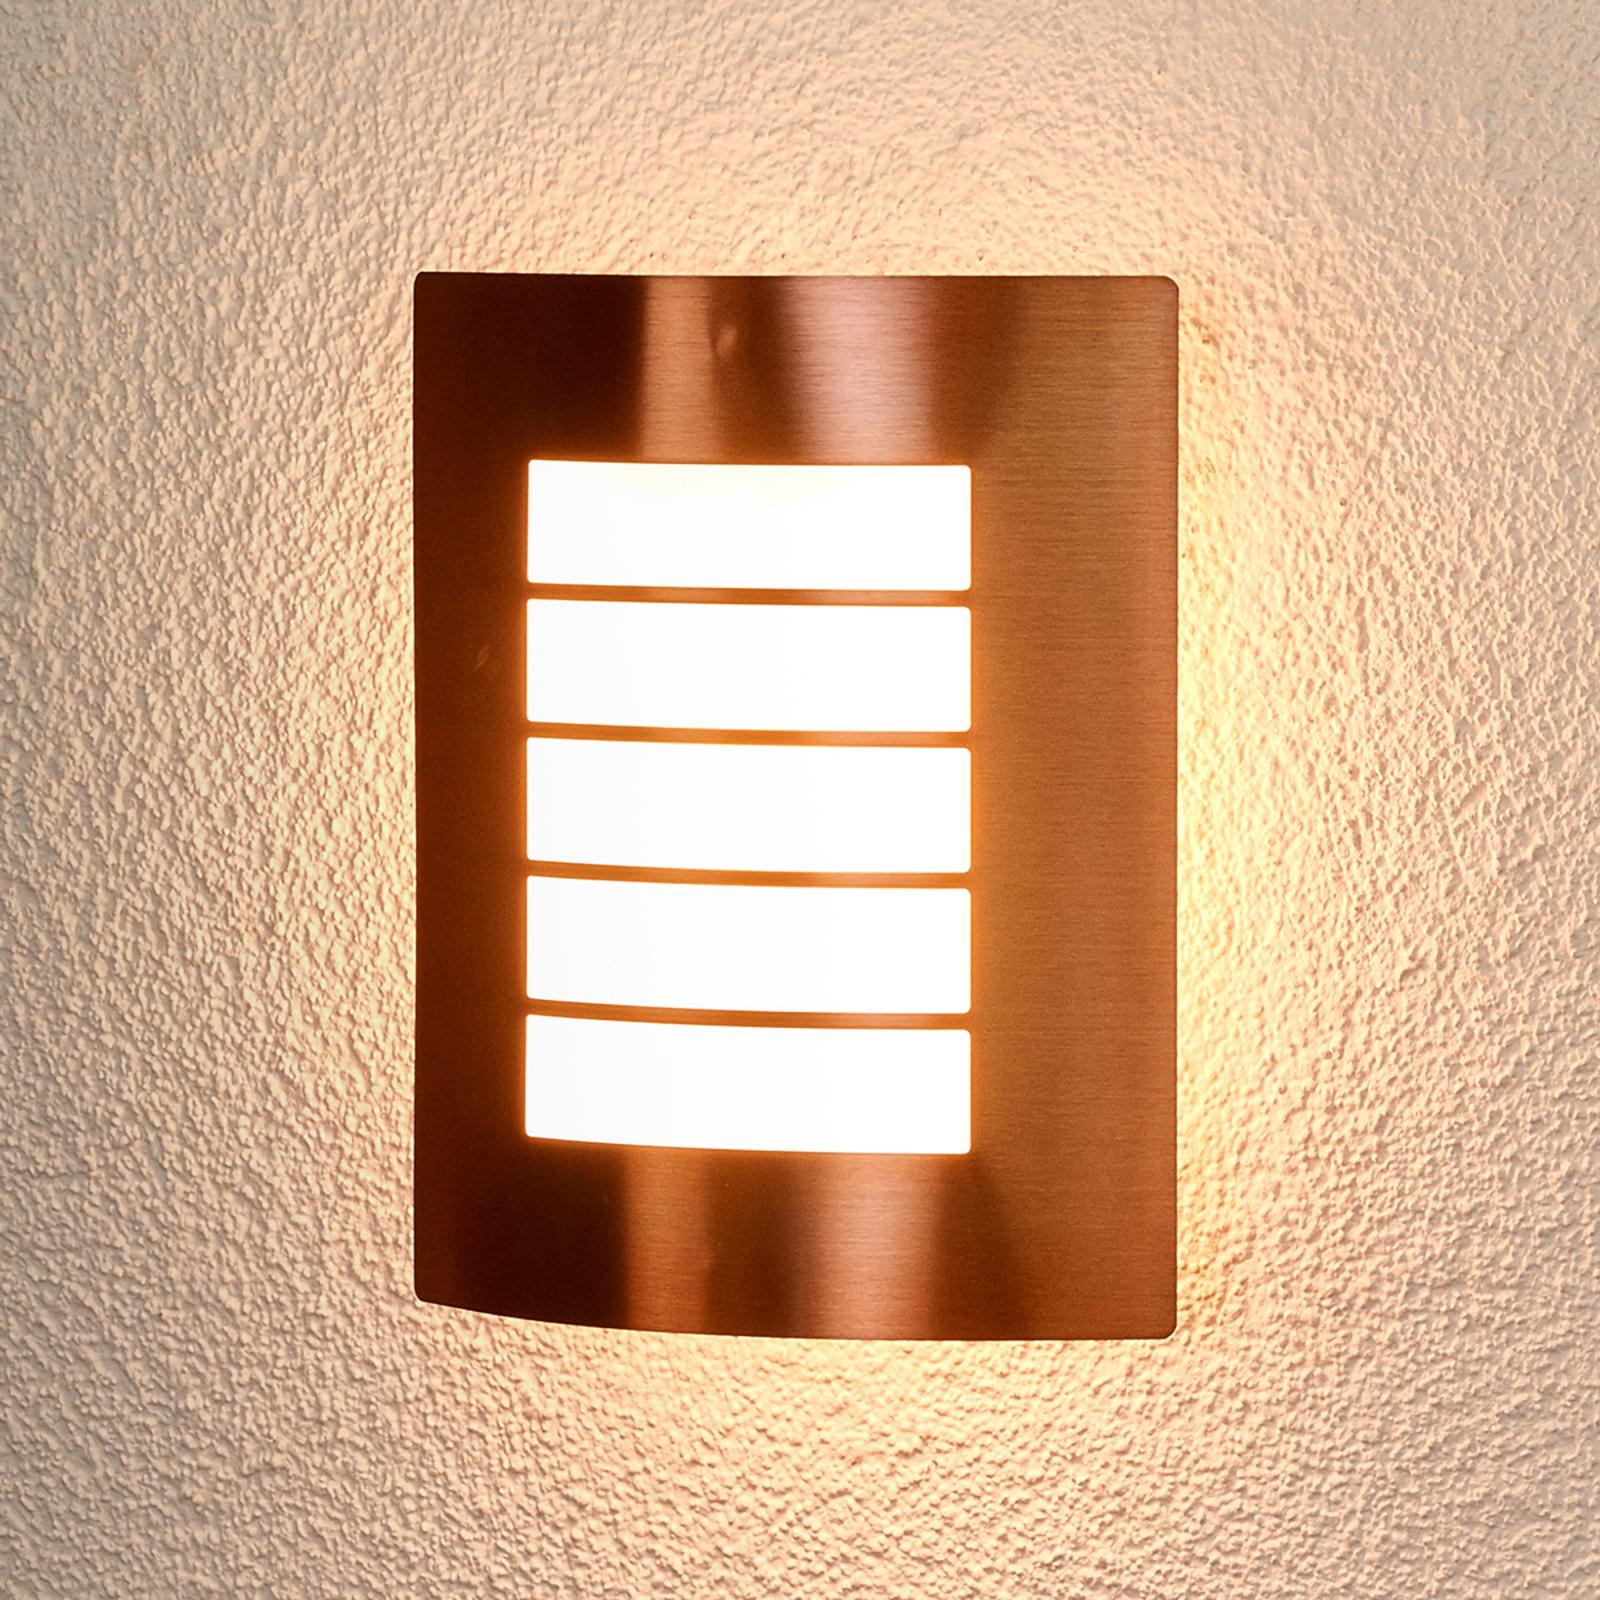 Koperkleurige buitenwandlamp Blanka